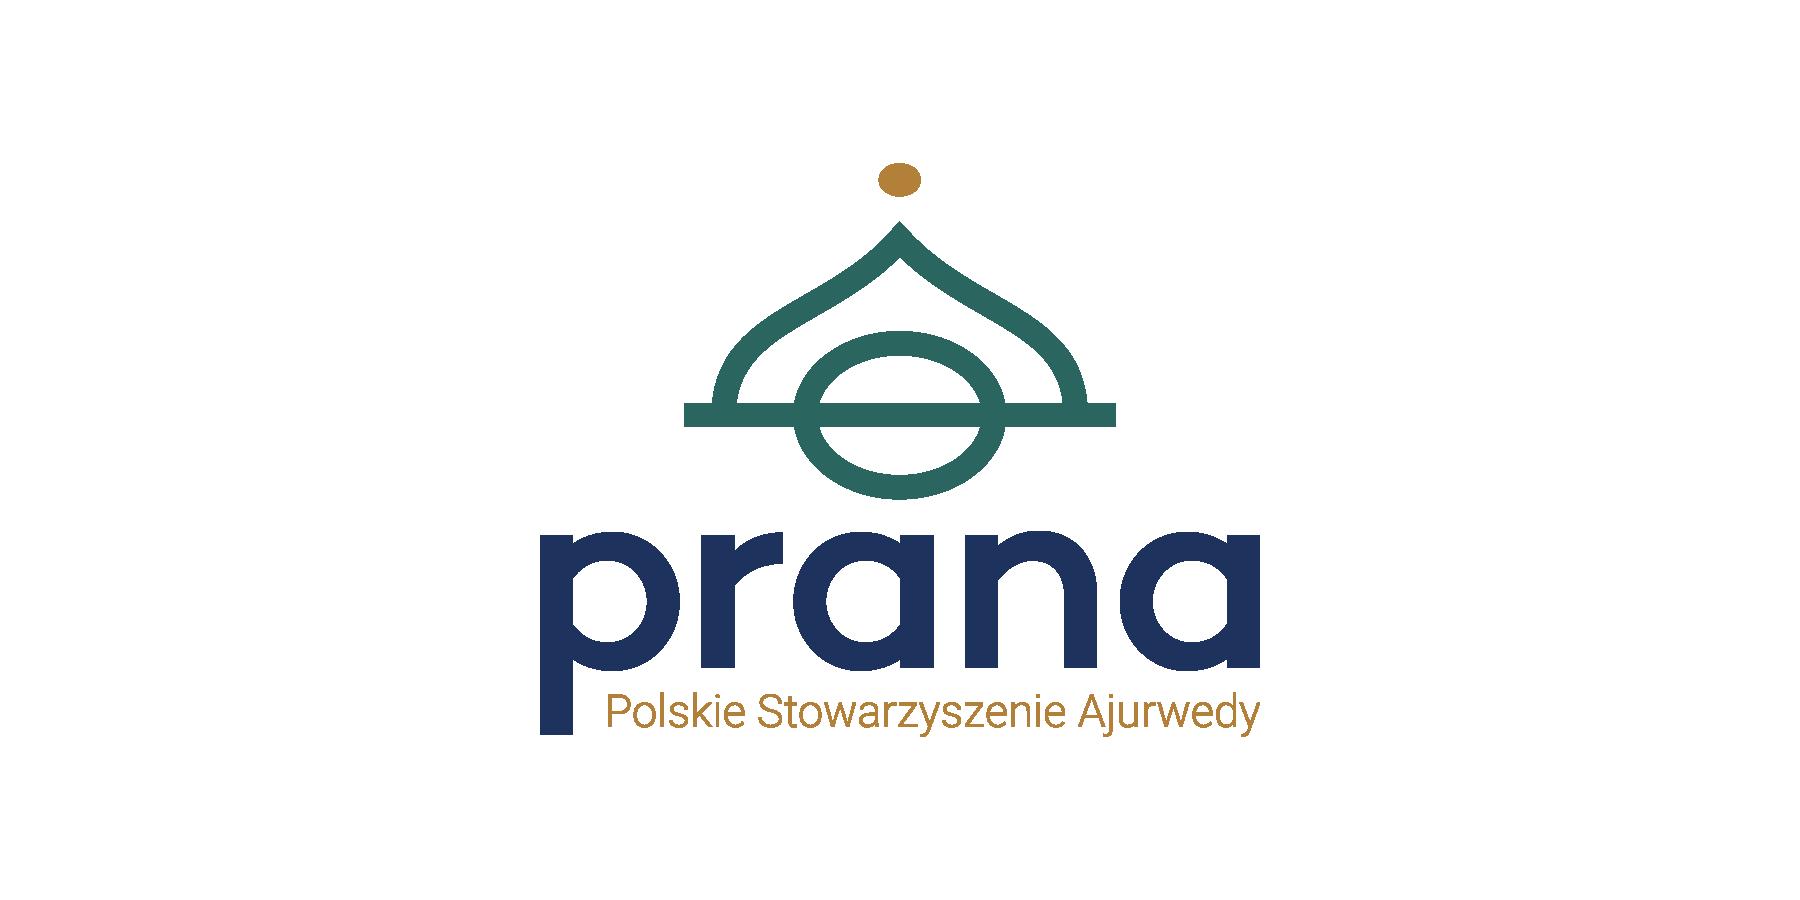 Polskie Stowarzyszenie Ajurwedy PRANA